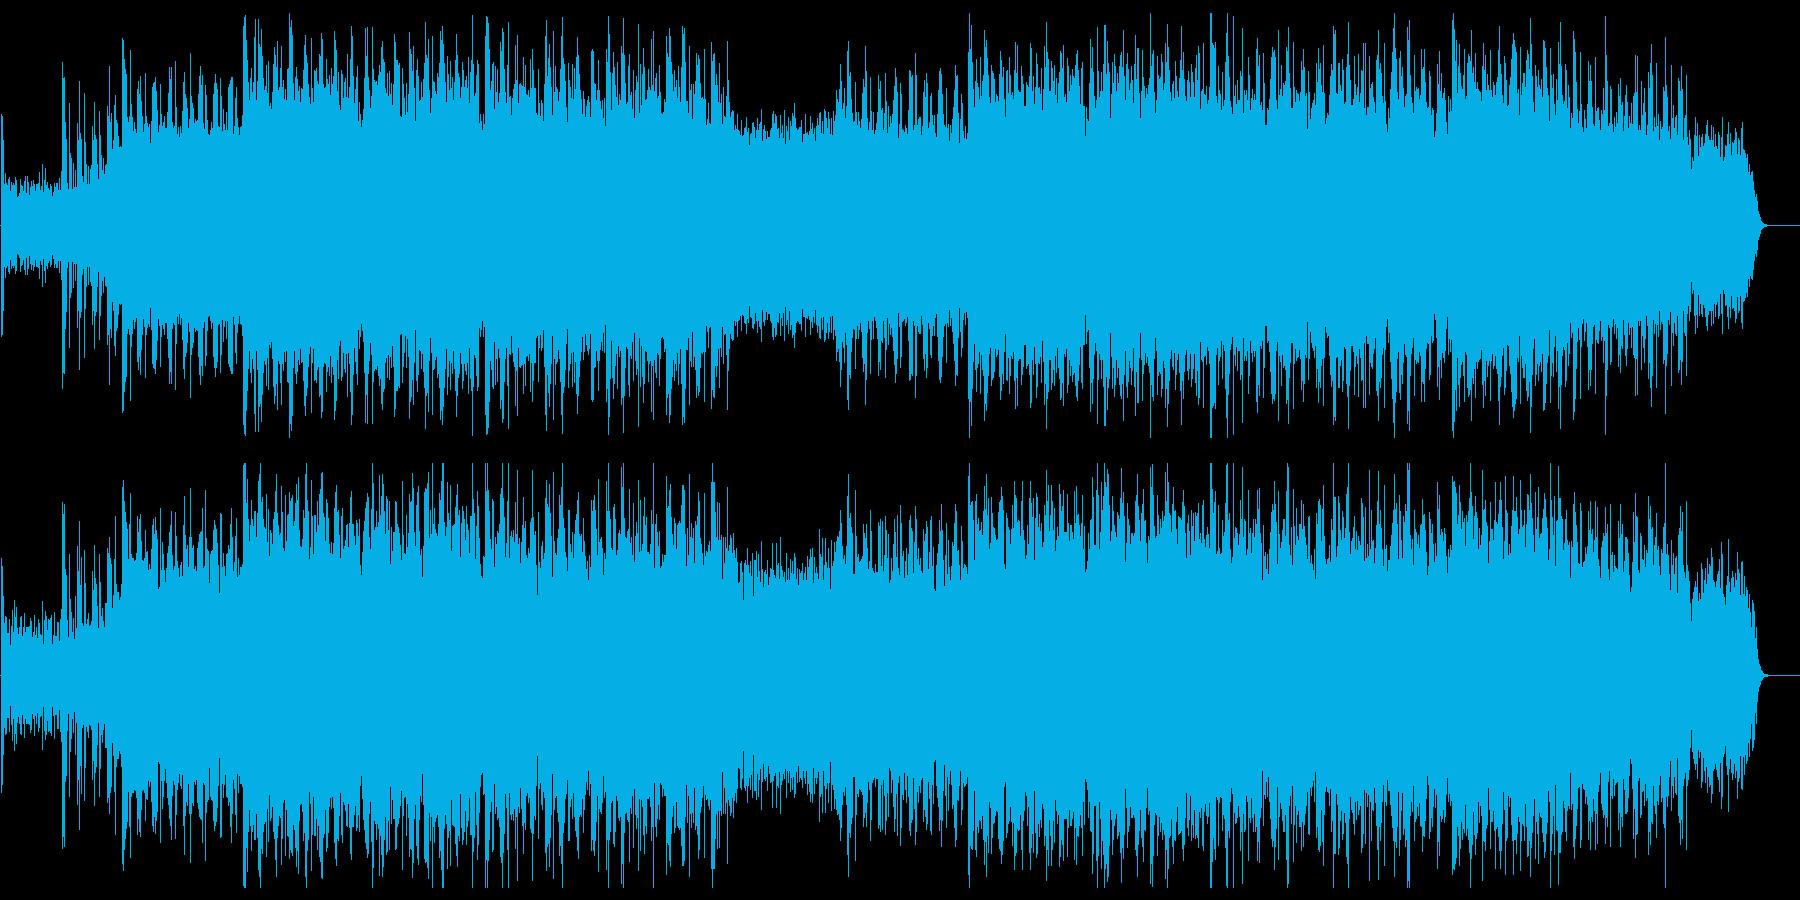 ギターとシーケンサーのデジタルサウンドの再生済みの波形